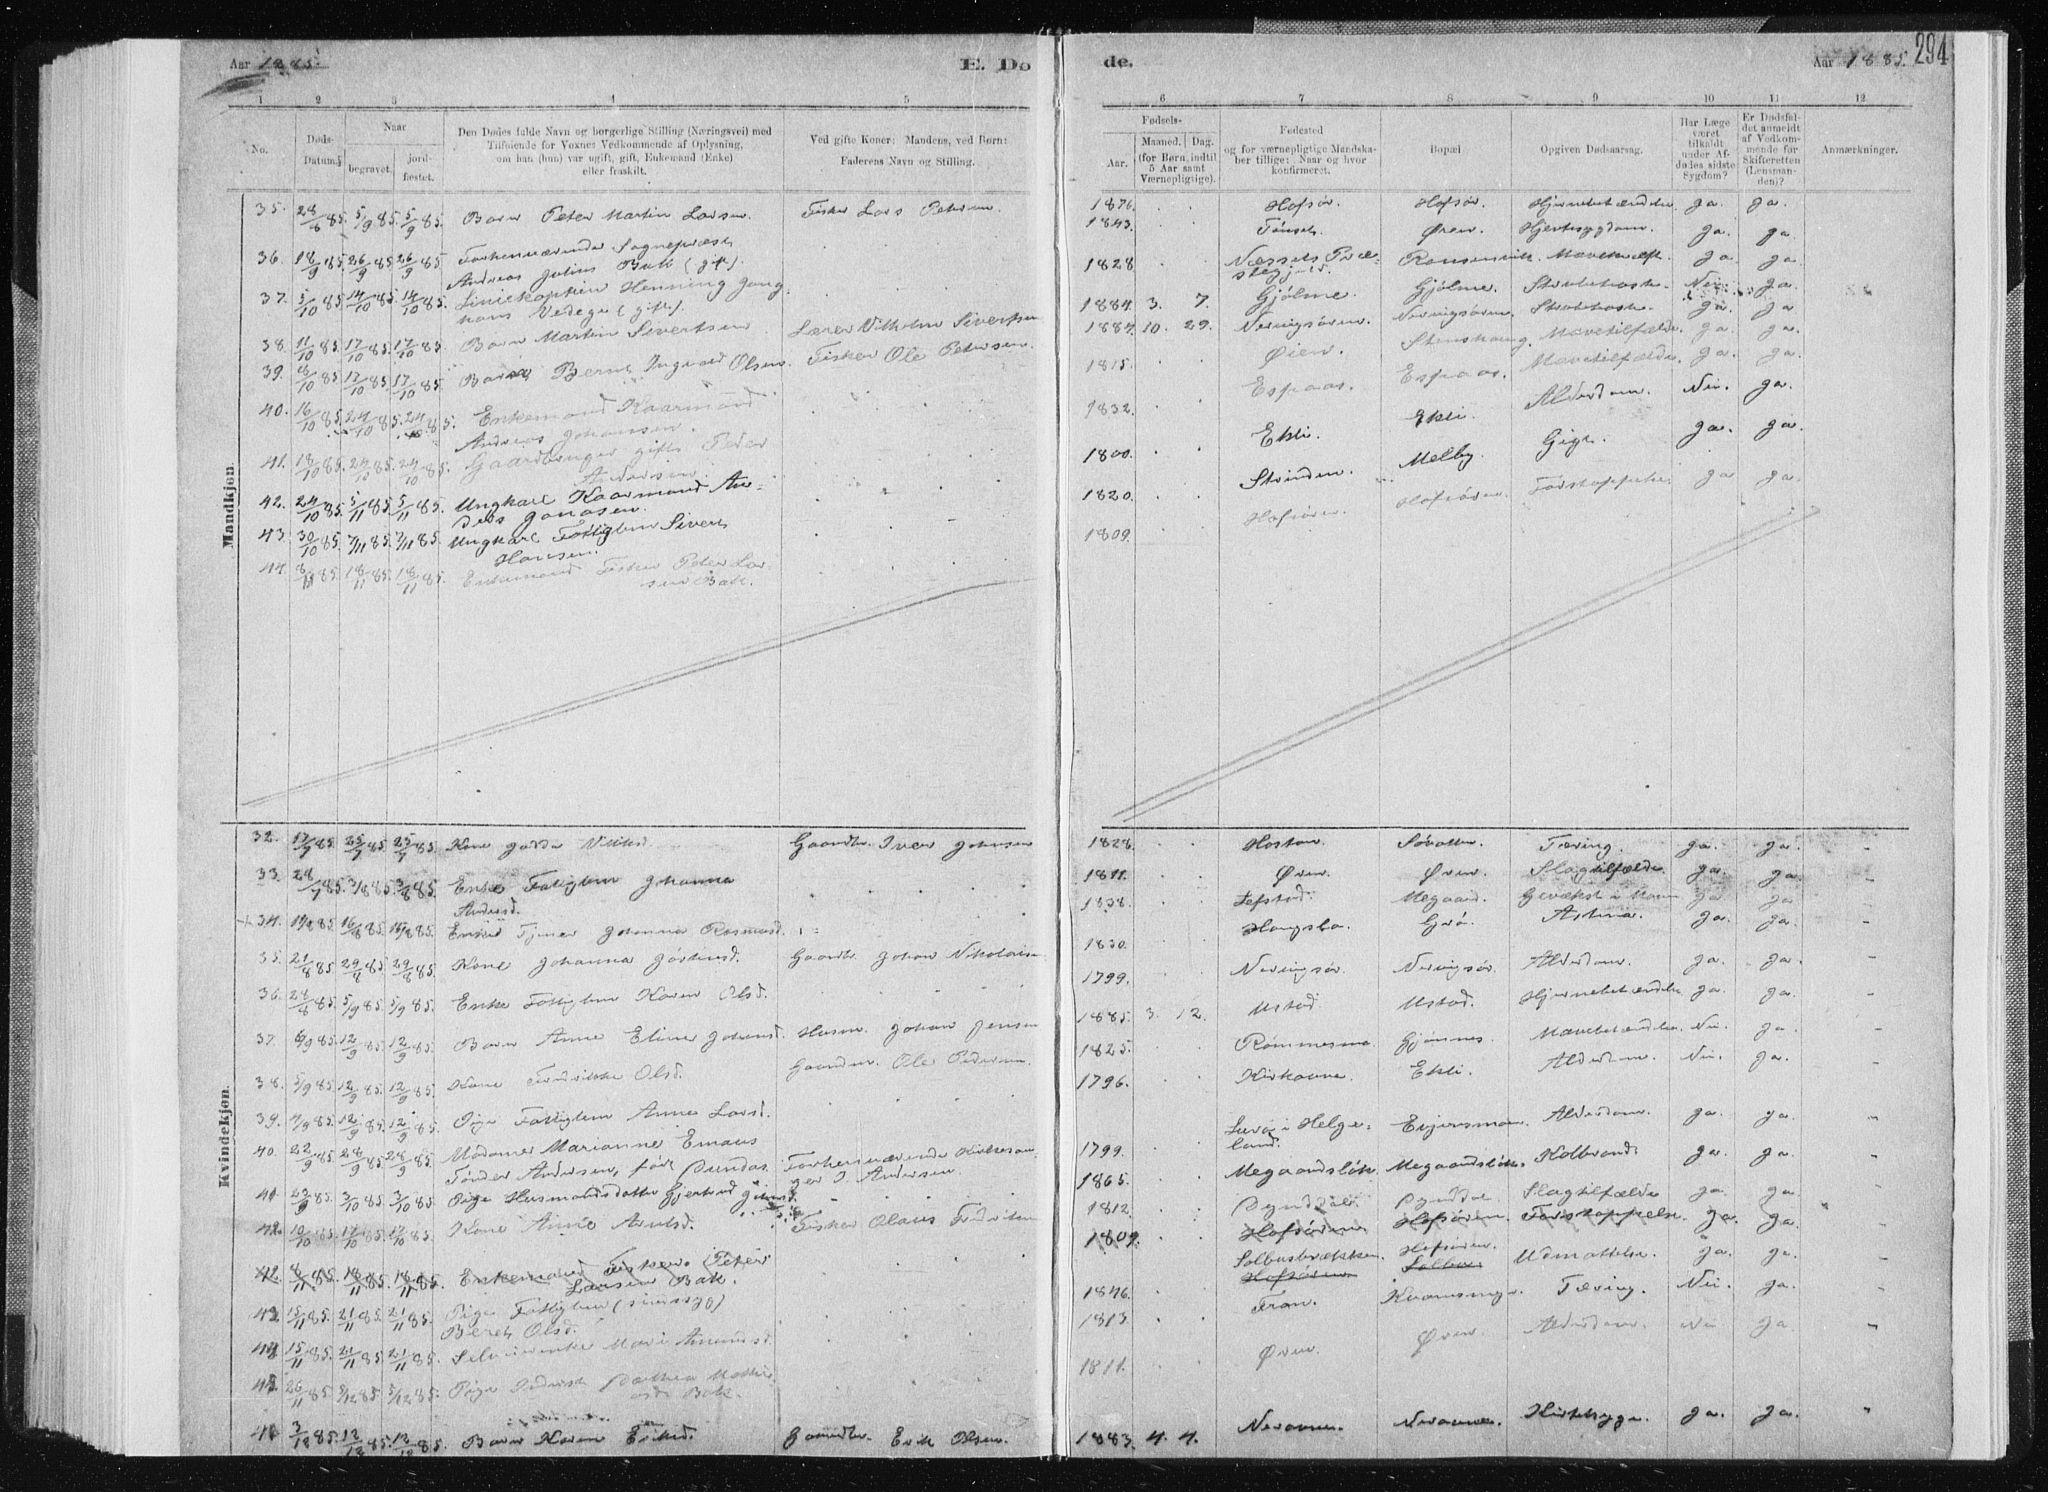 SAT, Ministerialprotokoller, klokkerbøker og fødselsregistre - Sør-Trøndelag, 668/L0818: Klokkerbok nr. 668C07, 1885-1898, s. 294